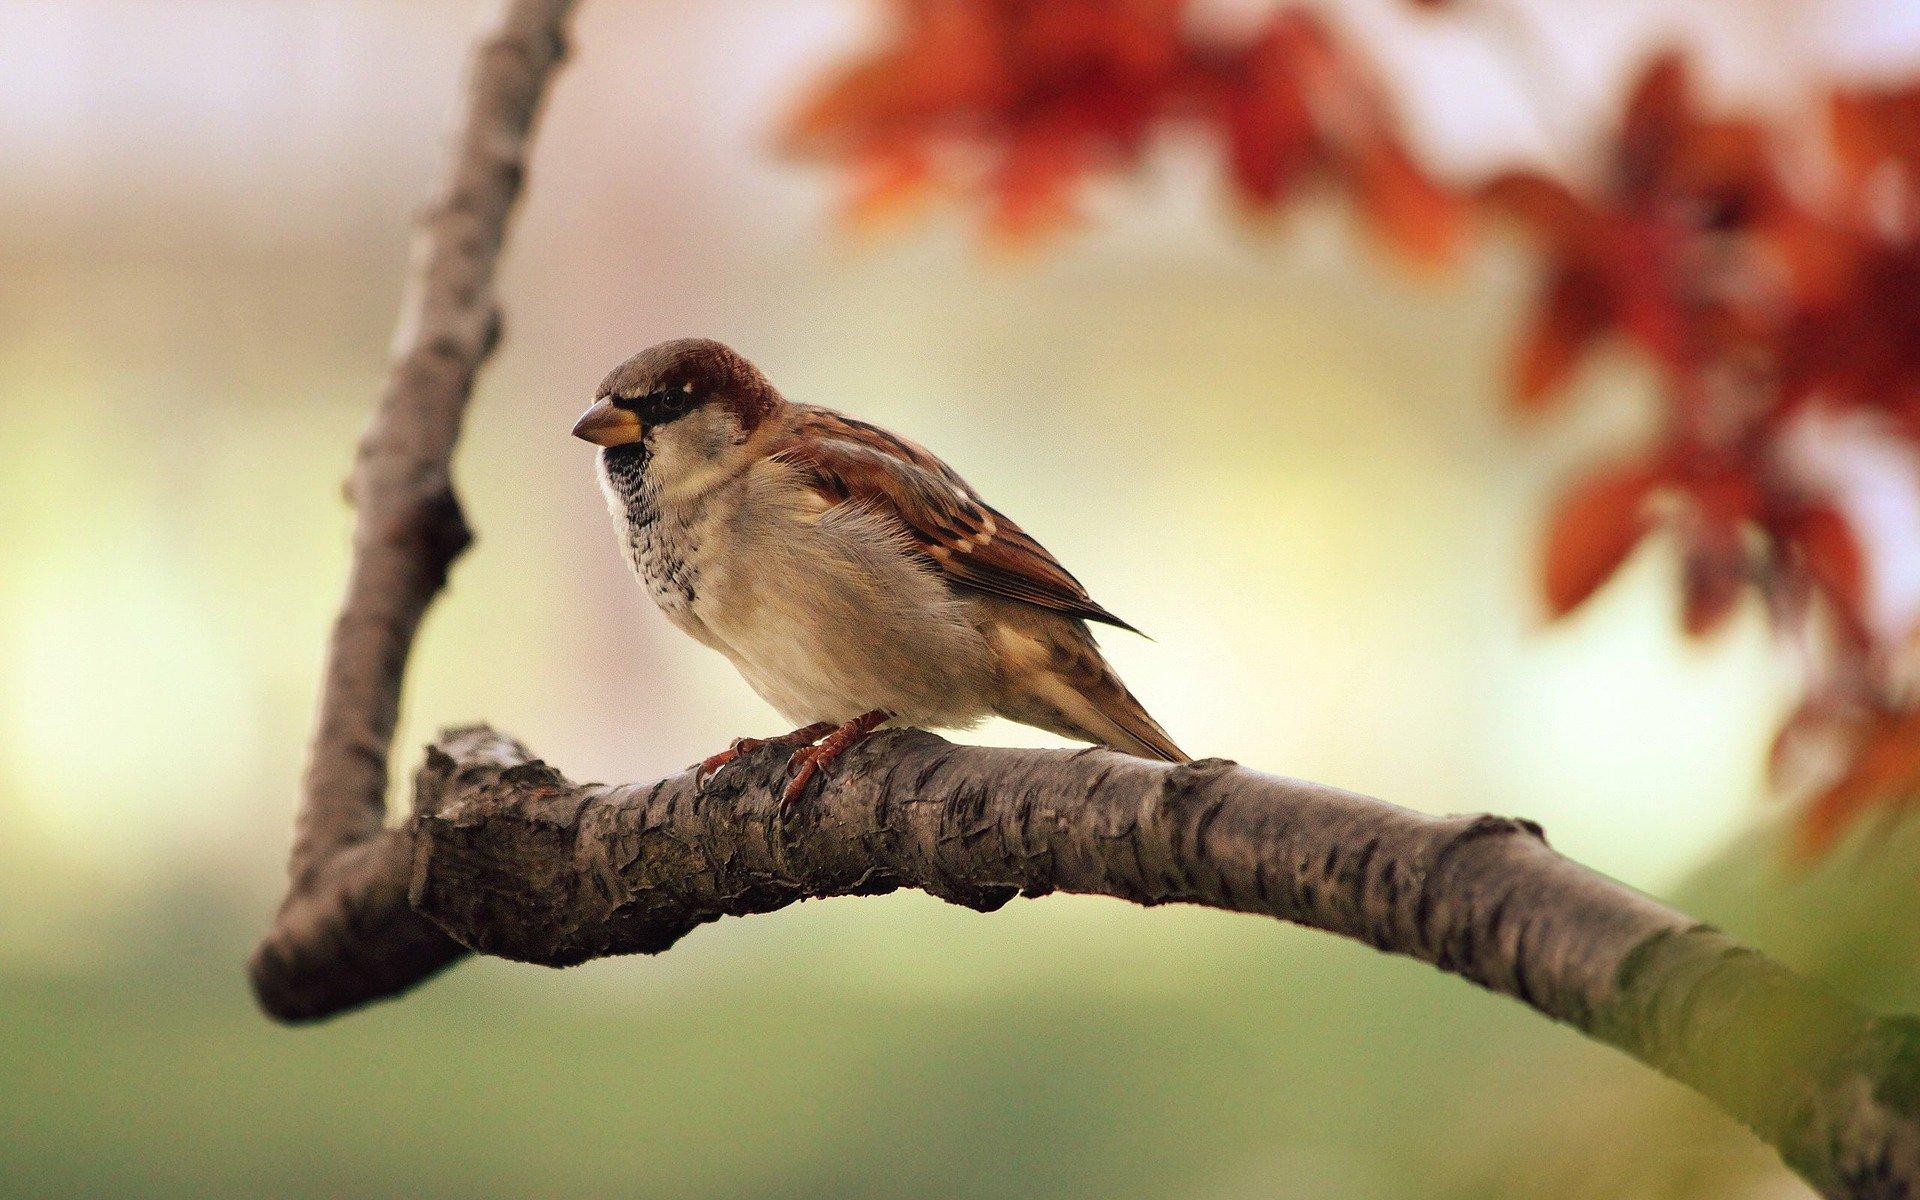 Studie: Vögel sind mit unserem Glücksniveau verbunden